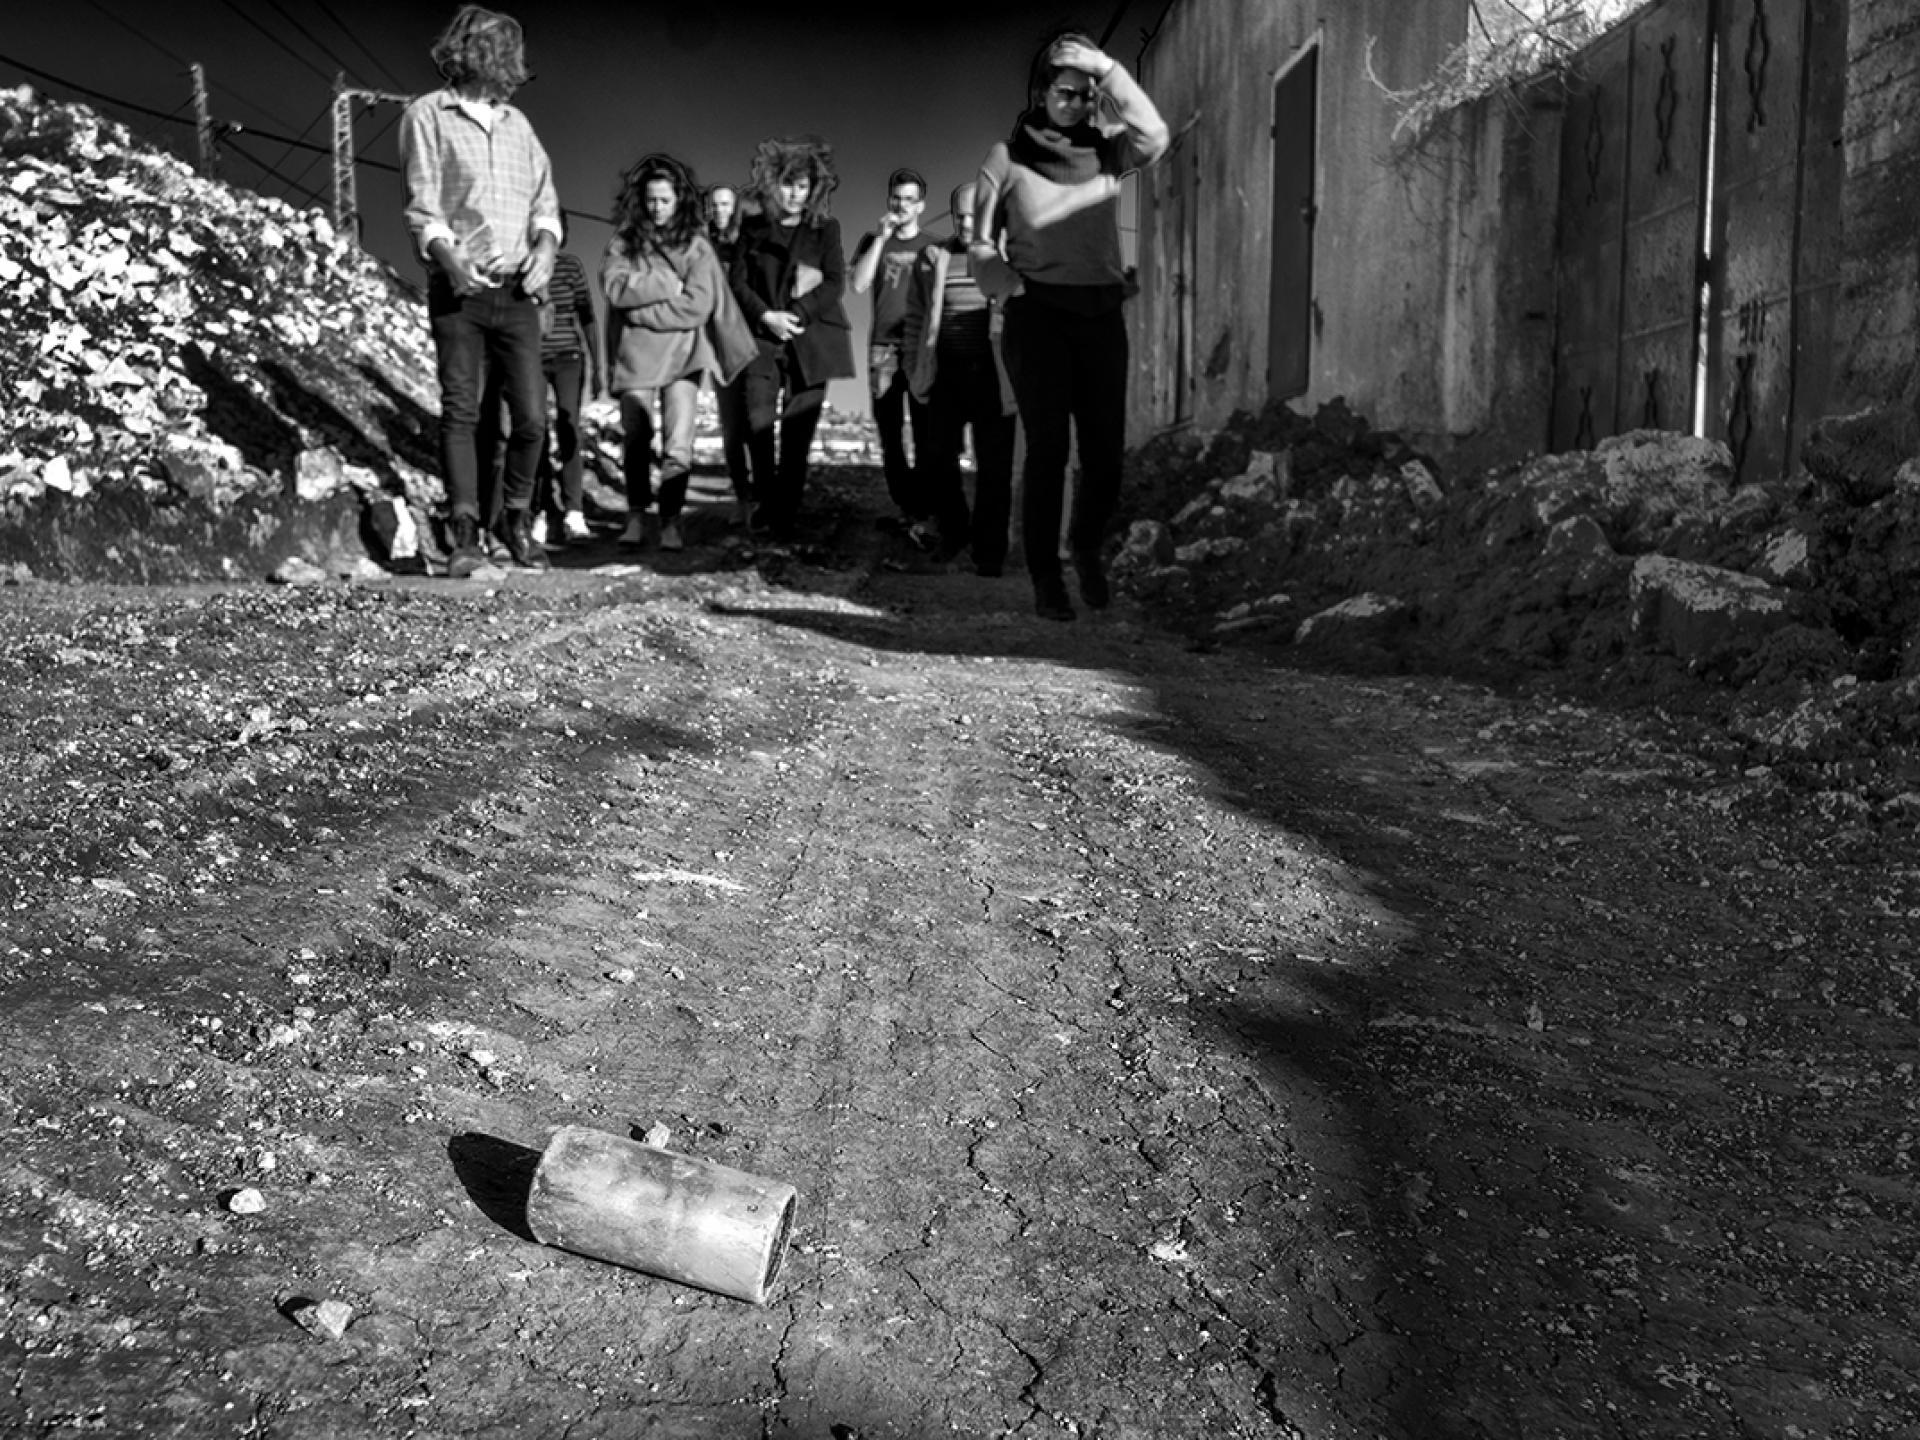 קדום. הדרך לכביש הראשי סגורה לתושבי הכפר. הם פלסטינים/ צילום אורנה נאור